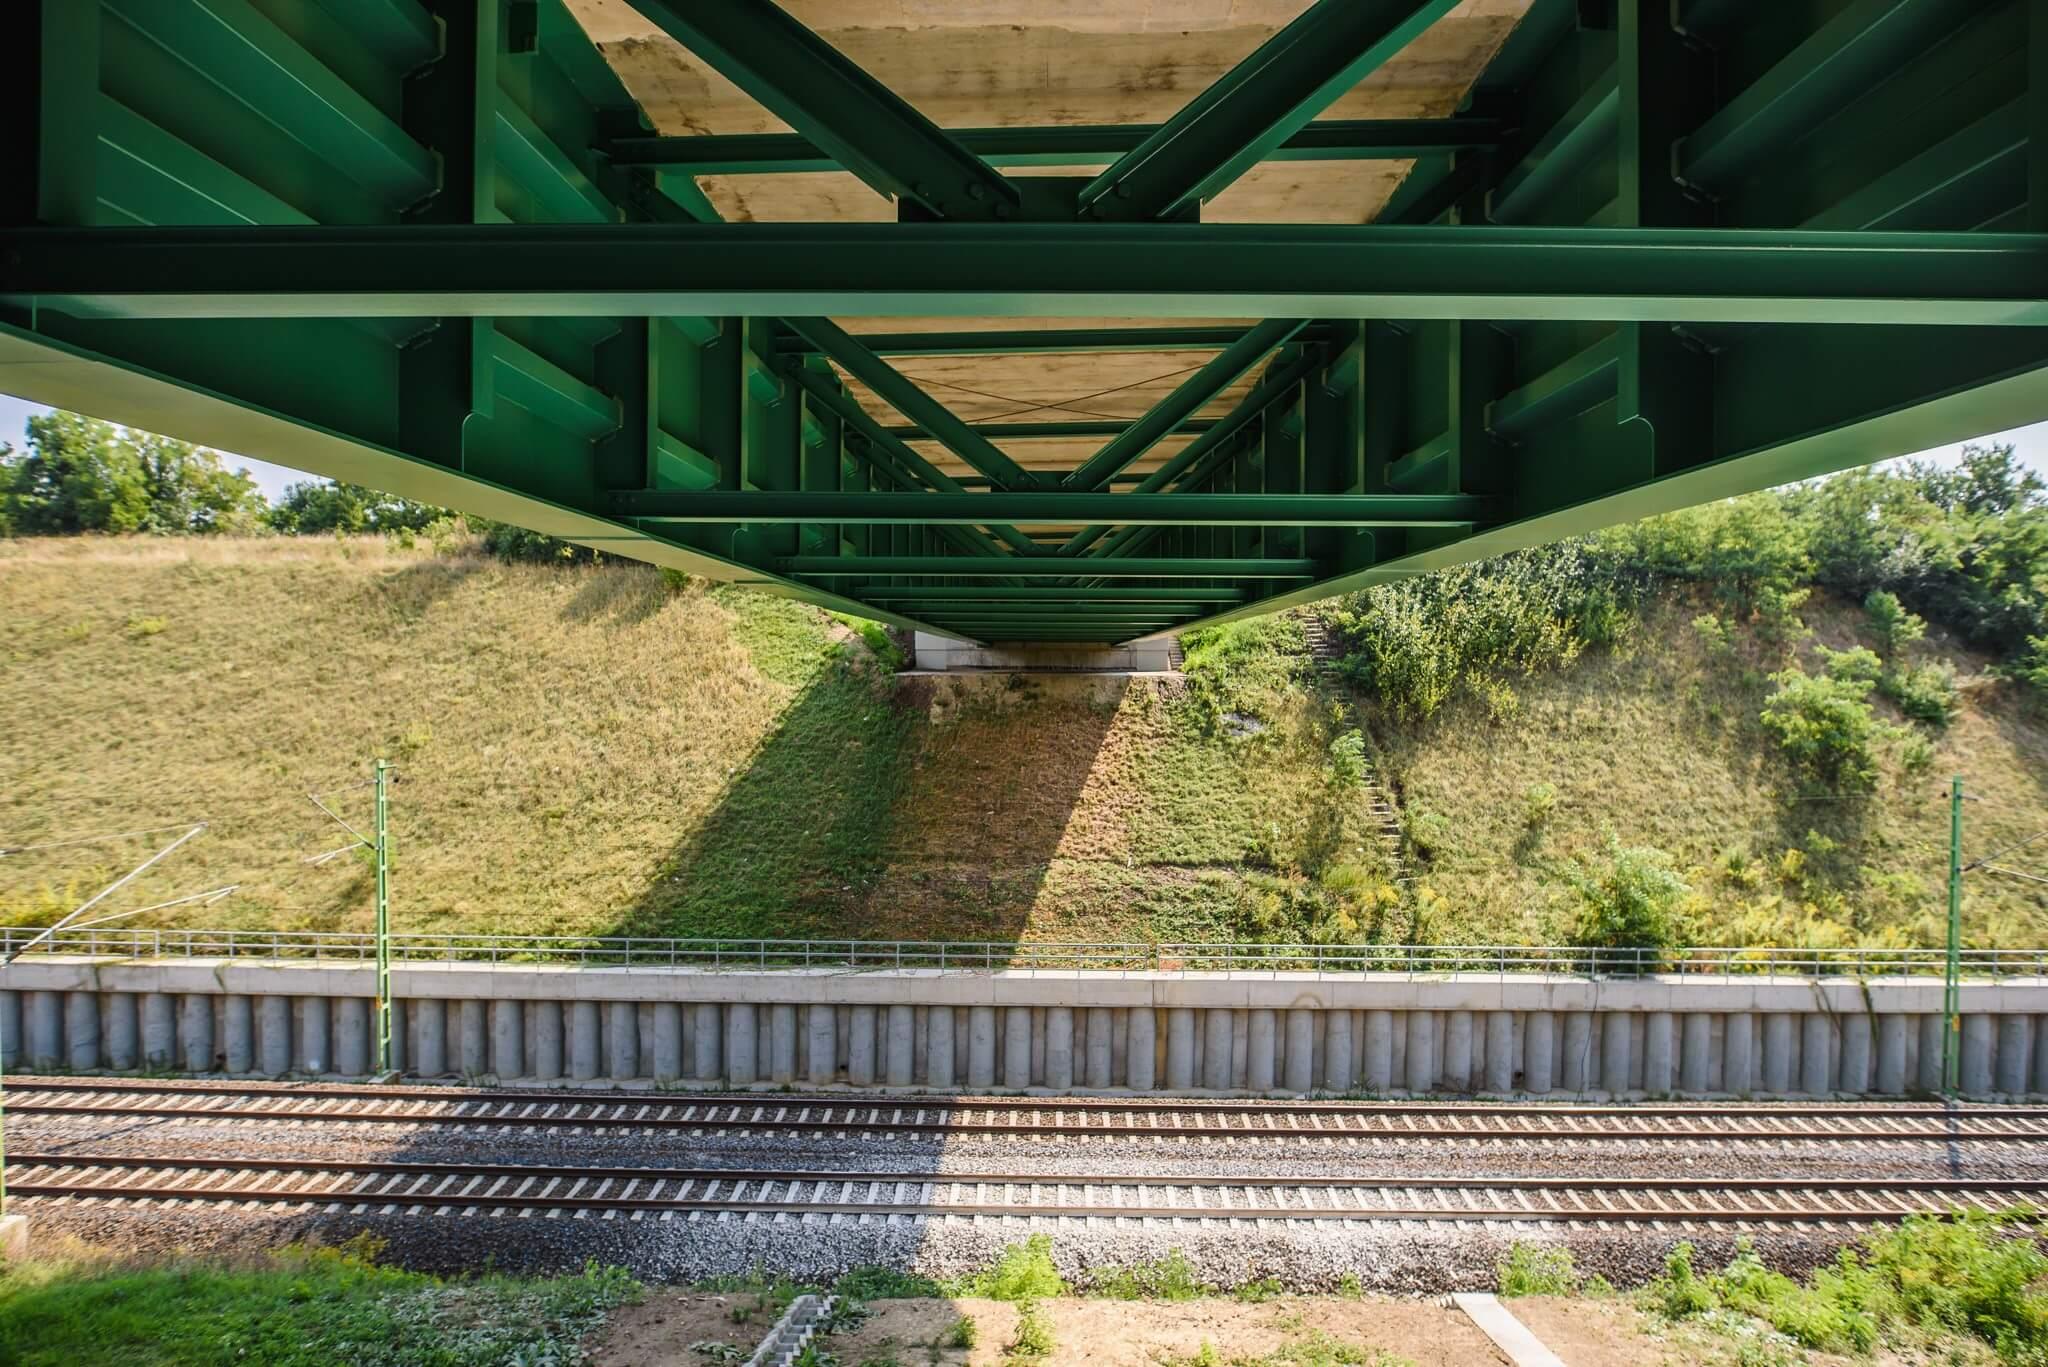 Határidő előtt elkészültek az érdi vasúti átkelők